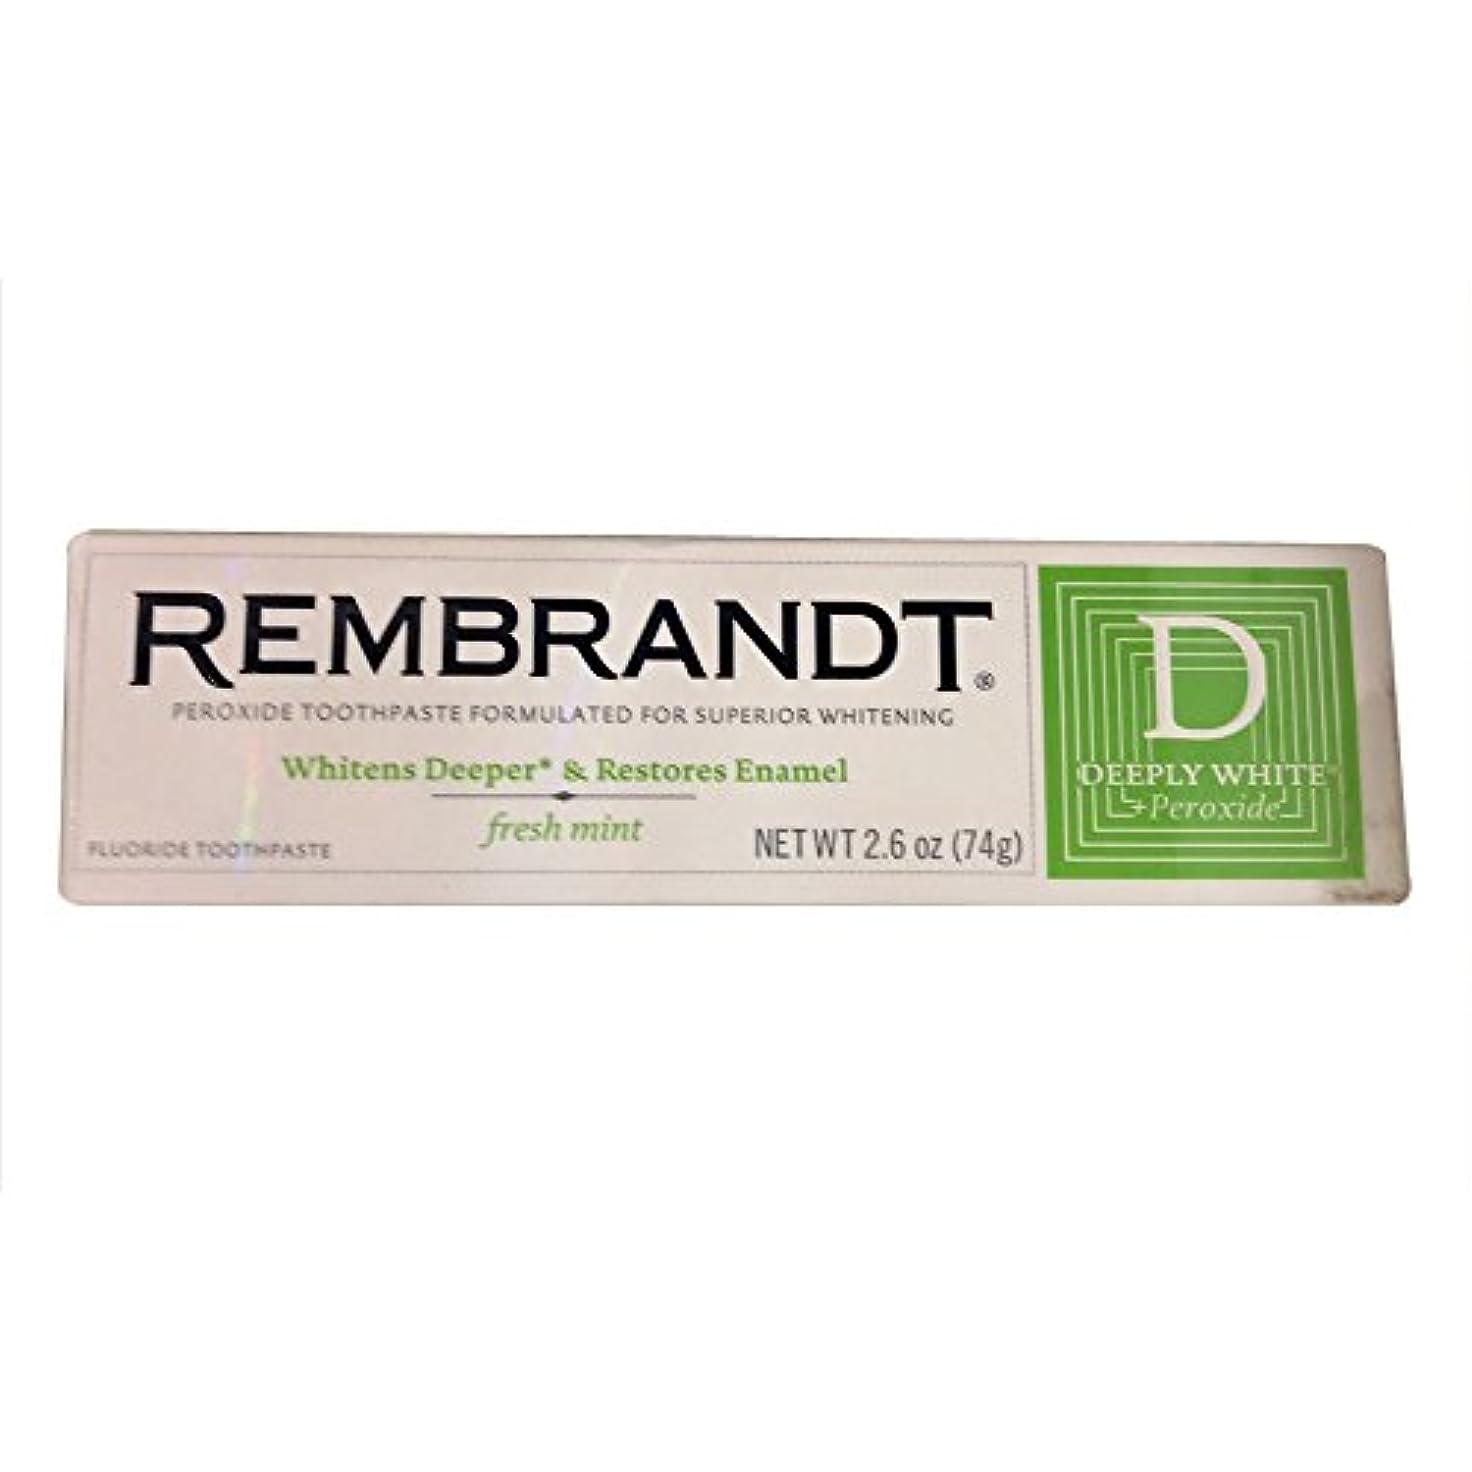 強度未満コスチュームRembrandt プラス深くホワイトプラス過酸化フッ化物の歯磨き粉フレッシュミント、2.6オズ、(12パック) 12のパック